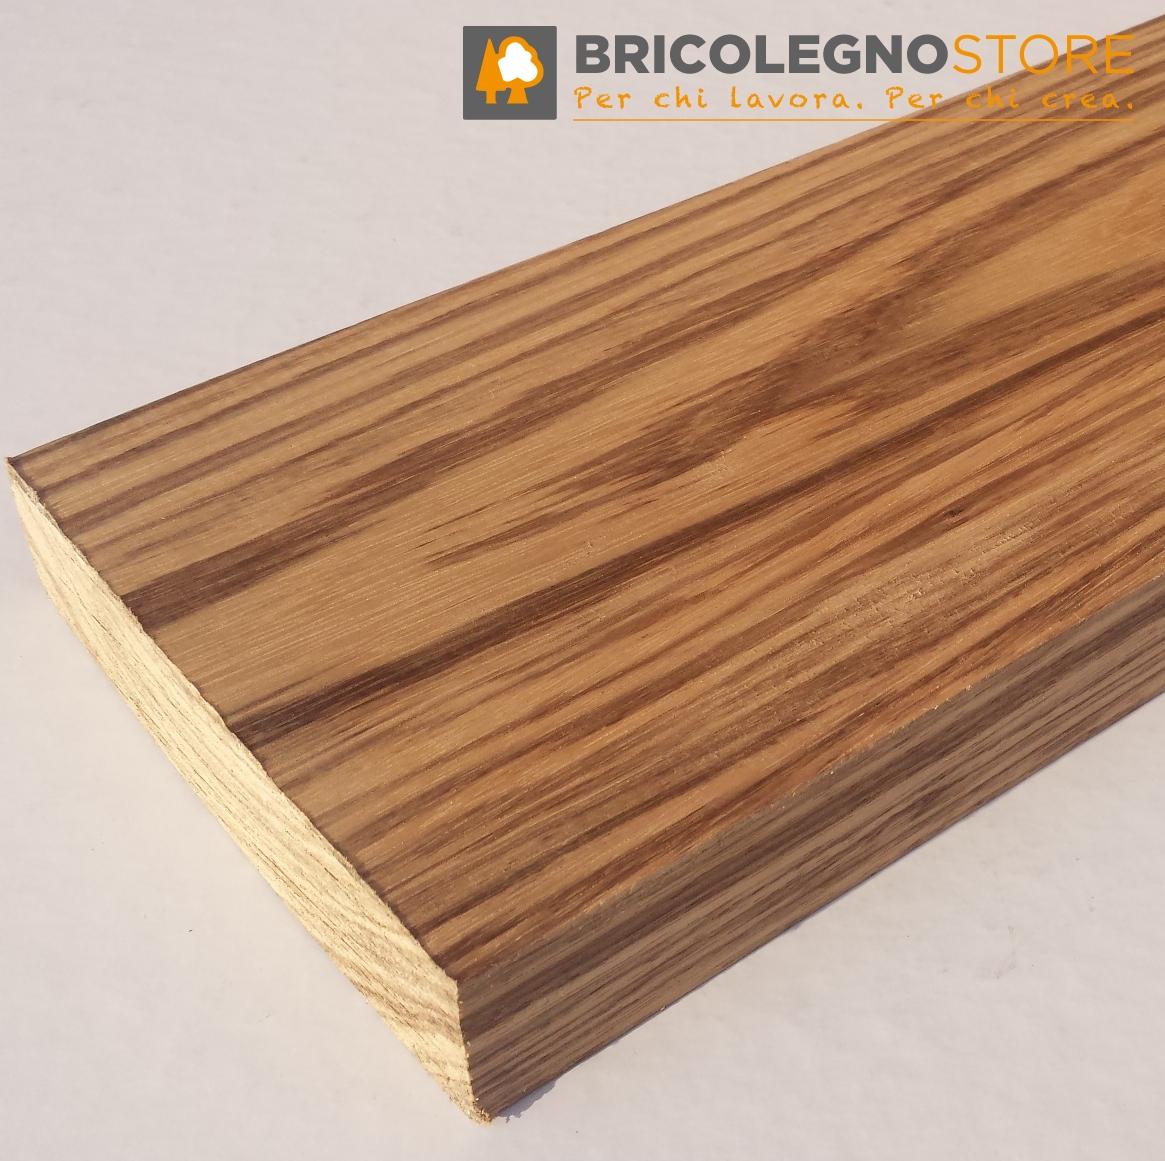 Tavole legno di BELI grezze (legno simile allo Zebrano) : Tavola ...